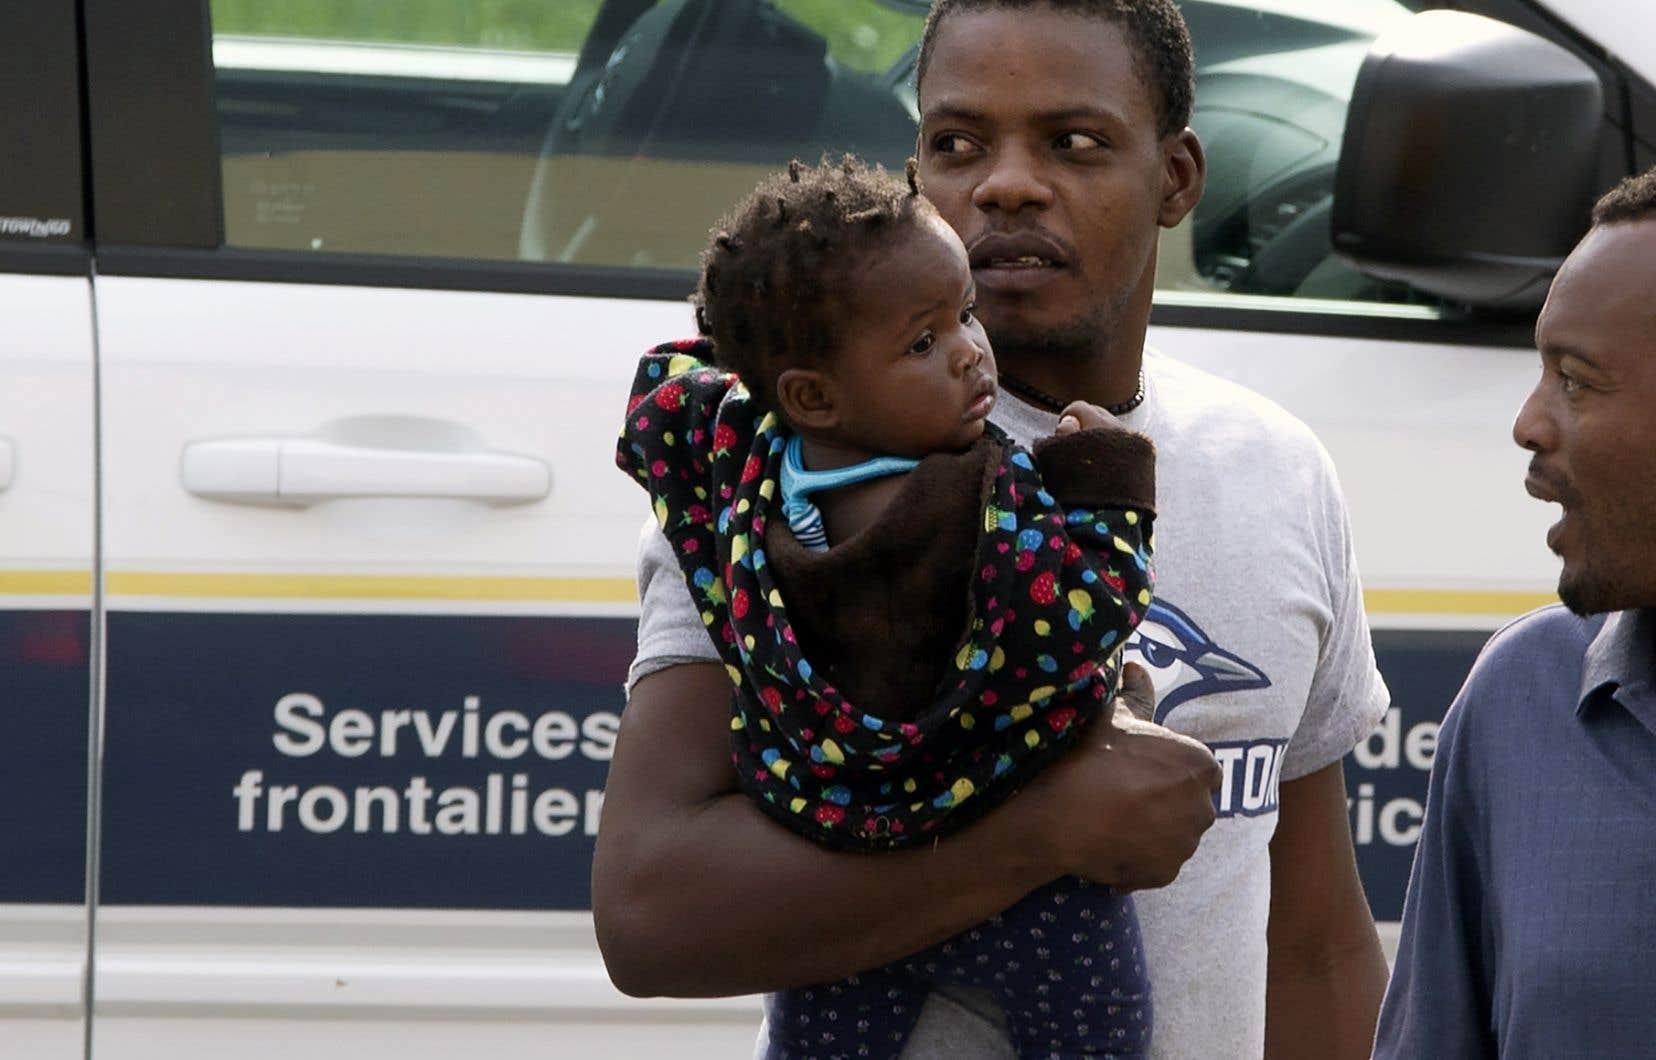 Le Québec a reçu près de 25000 demandeurs d'asile en 2017, selon le gouvernement québécois.